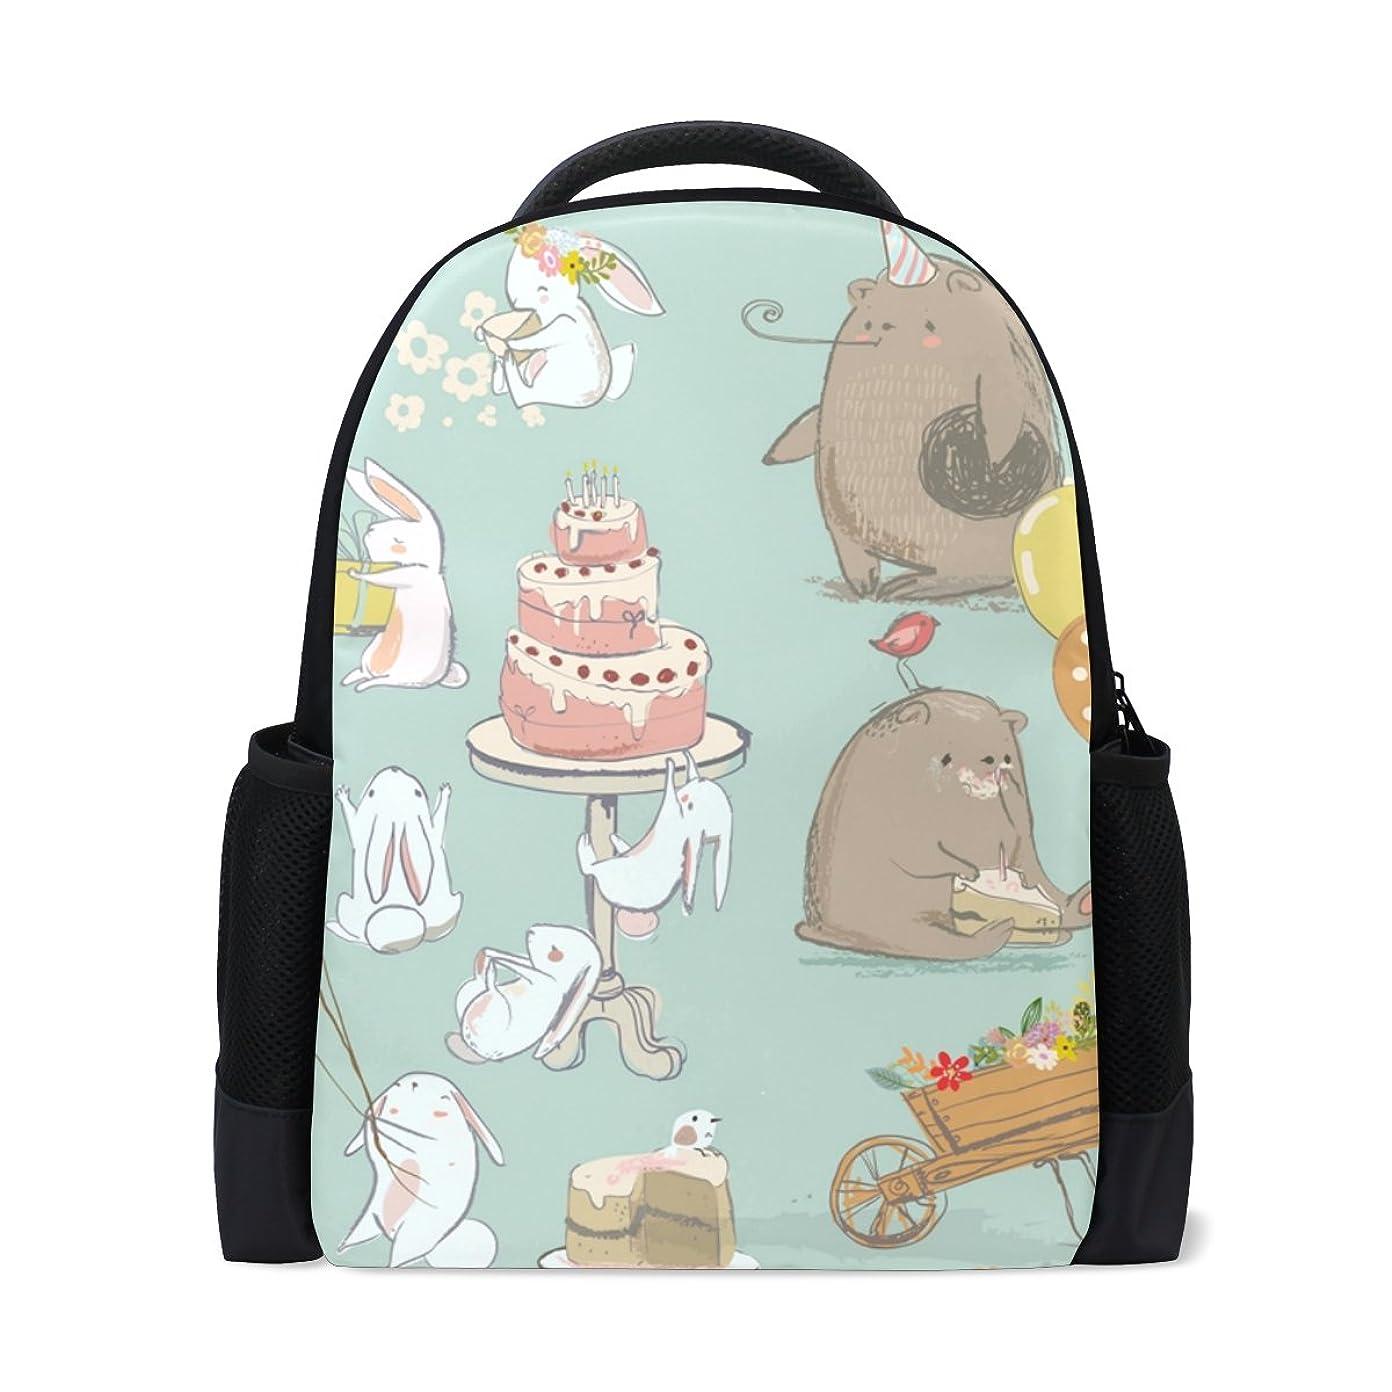 公園アクセルオーブンAOMOKI リュックサック バッグ 男女兼用 メンズ レディース 通勤 通学 大容量 動物 ウサギ クマ 誕生日 ことも